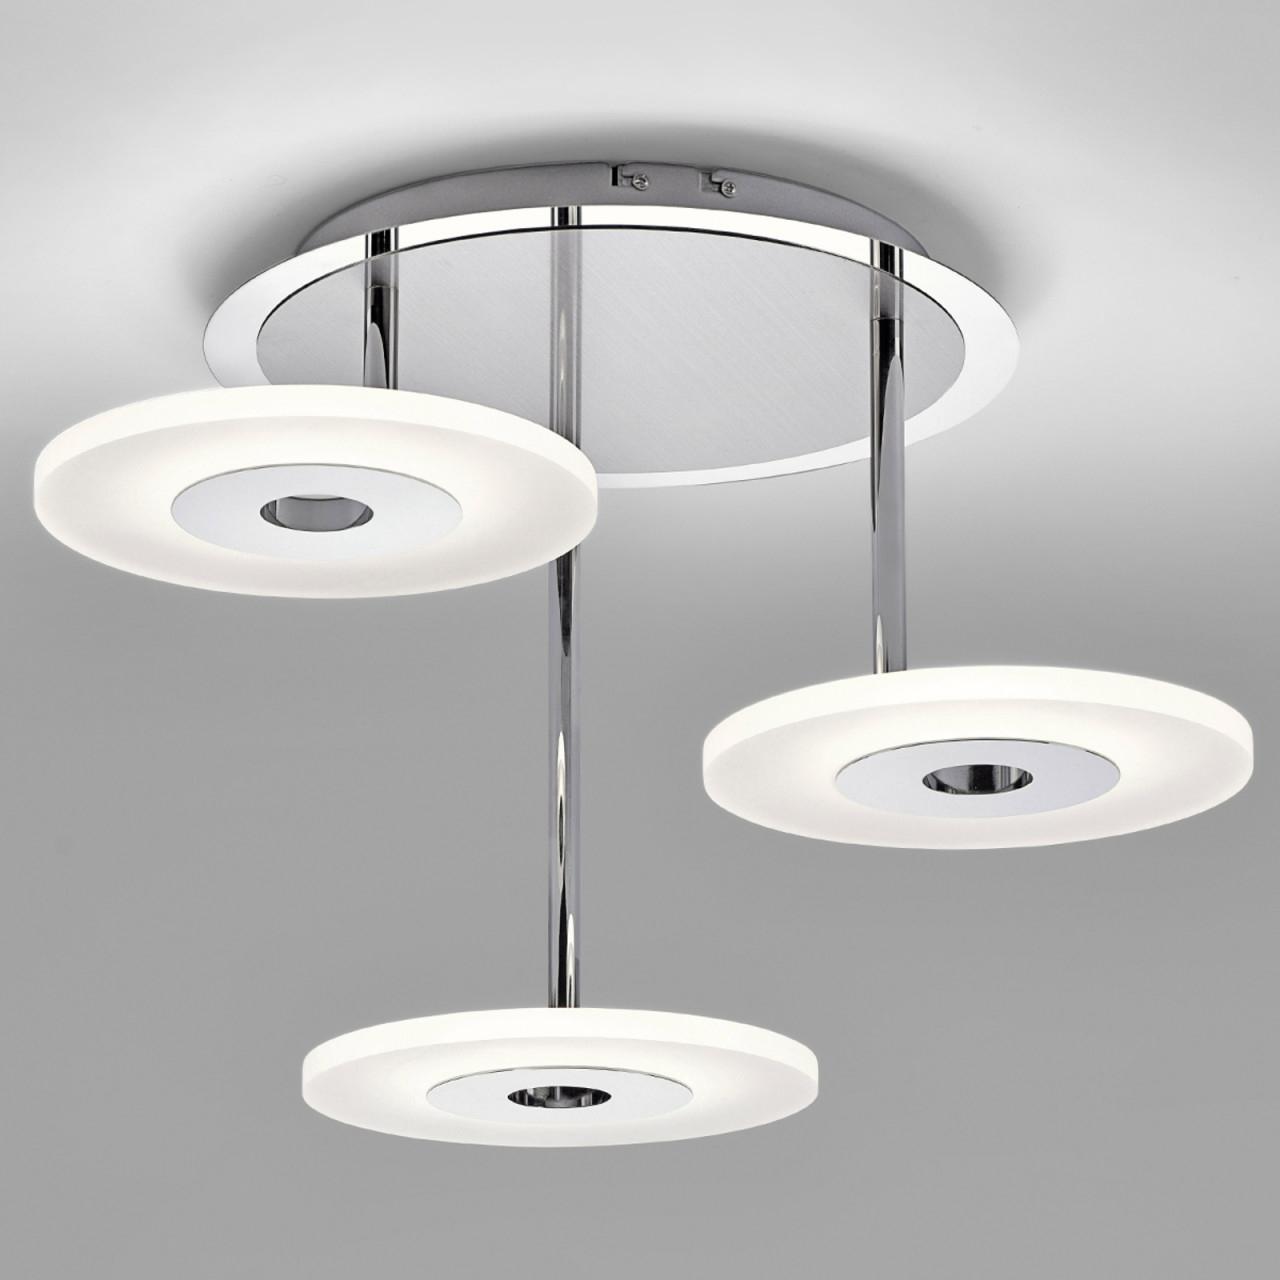 Adali Leddeckenleuchte Dimmbar Per Lichtschalter von Deckenlampe Wohnzimmer Dimmbar Bild